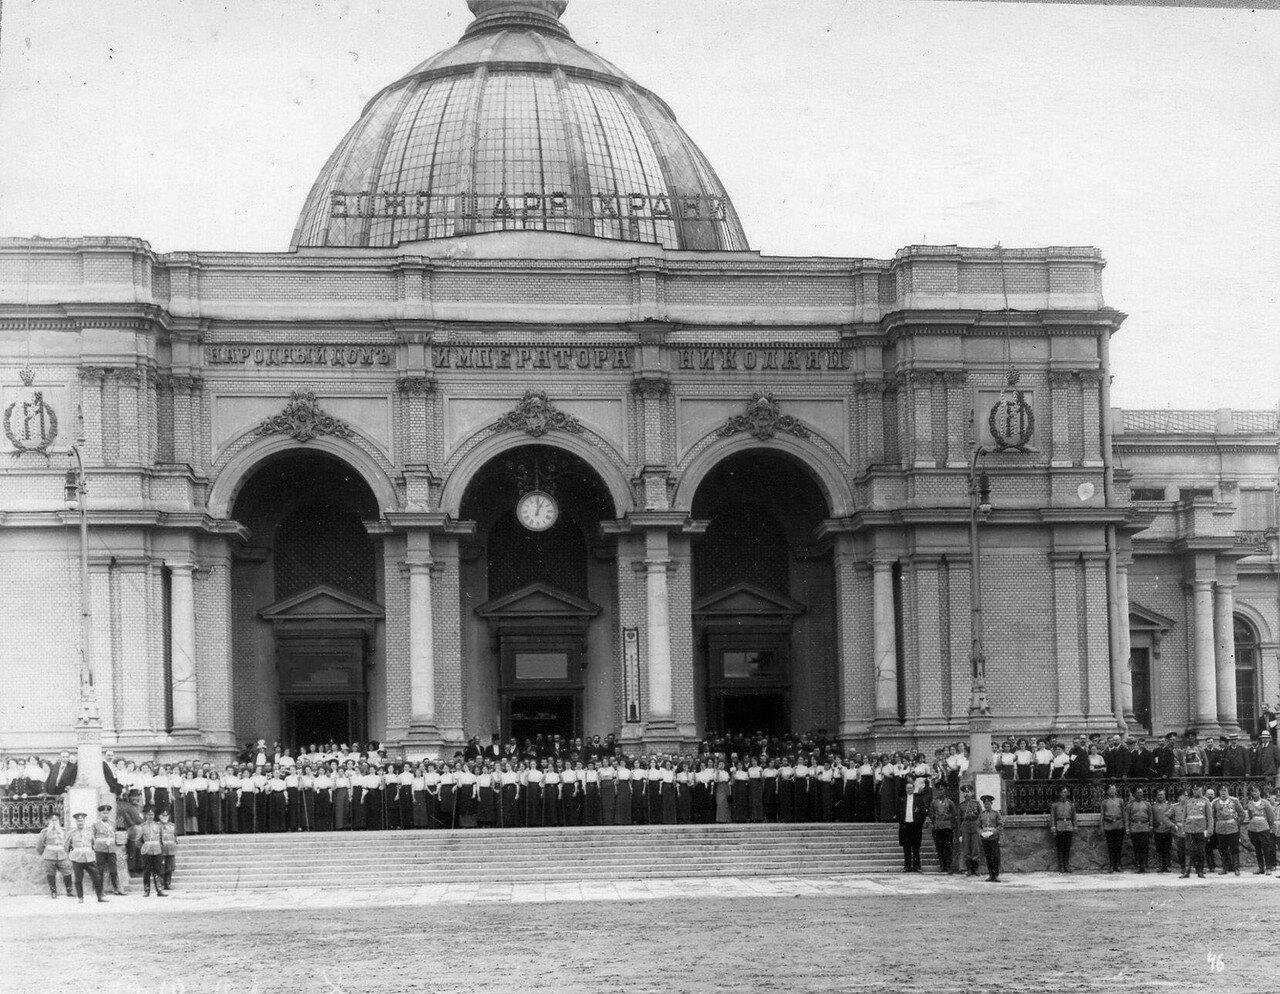 98. Группа обслуживающего персонала на ступенях Народного дома императора Николая II в ожидании потешных